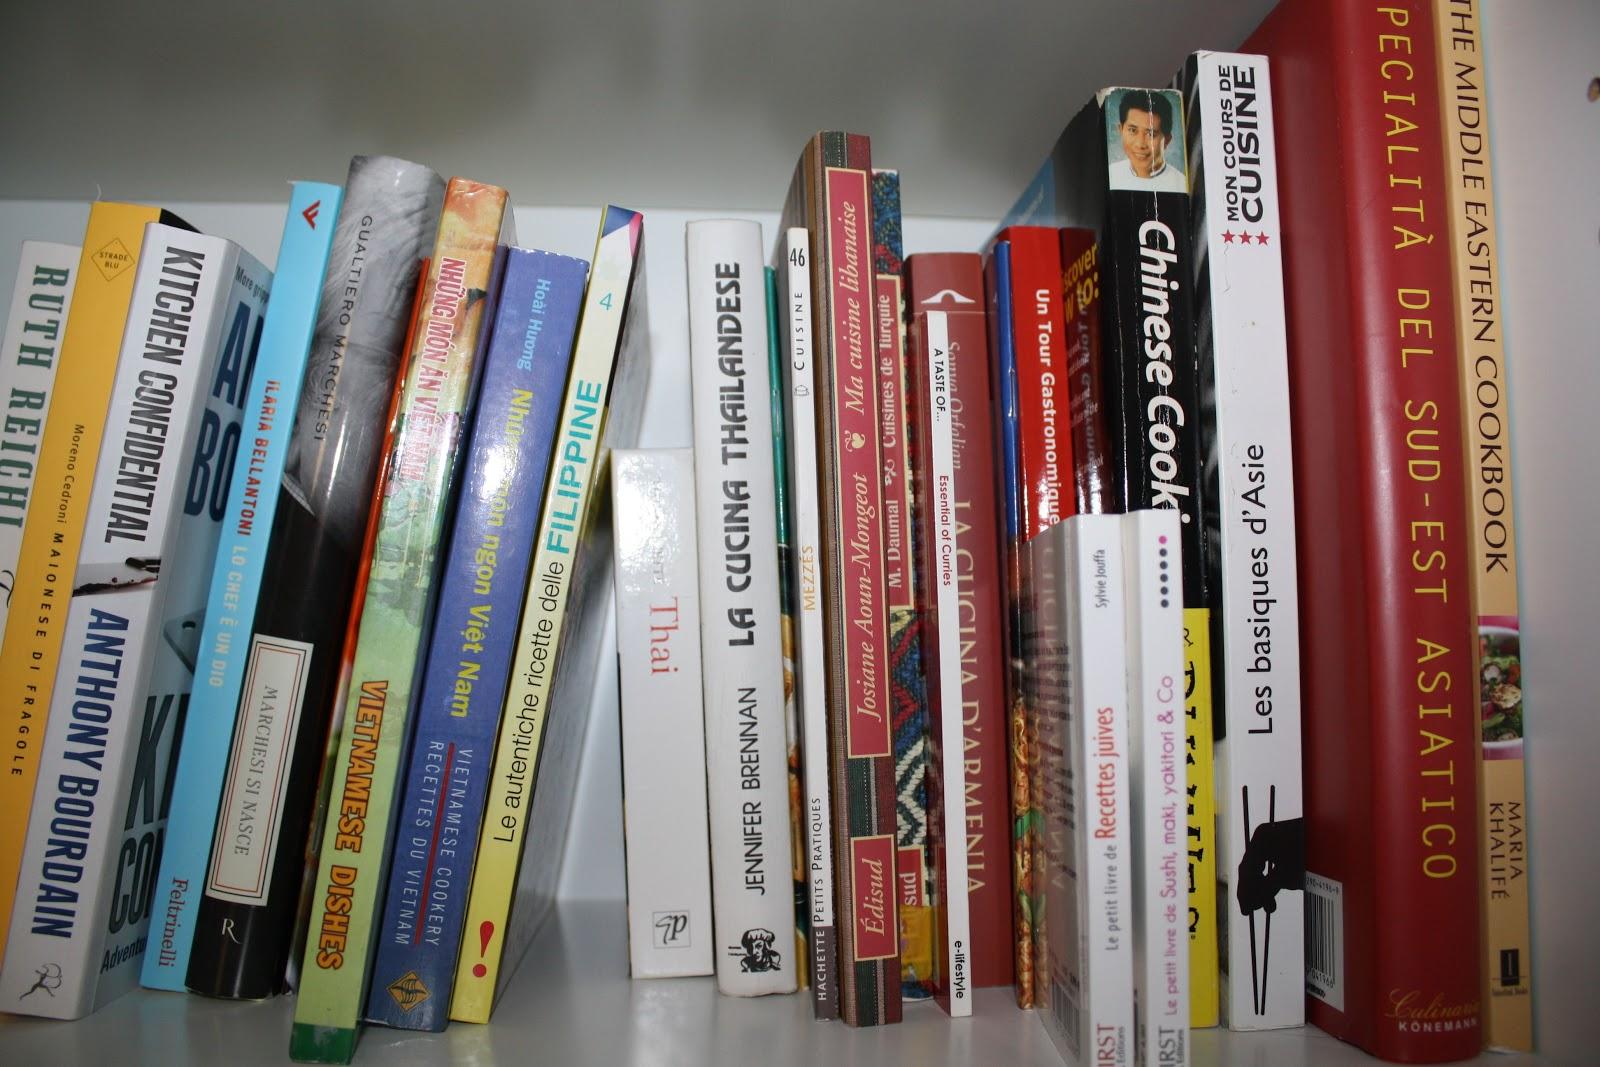 La cuciniera moderna libri di cucina - Libri di cucina consigliati ...